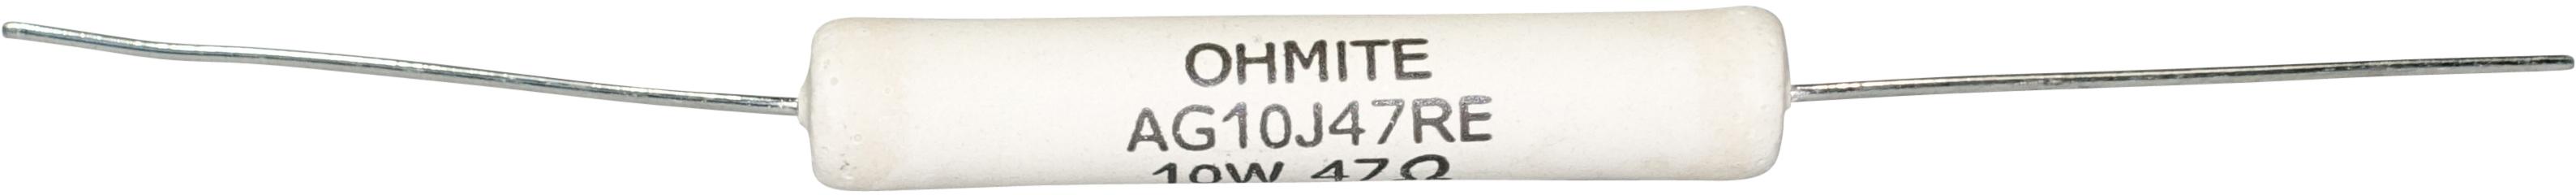 Ohmite Audio Gold 10W - 68 Ohm